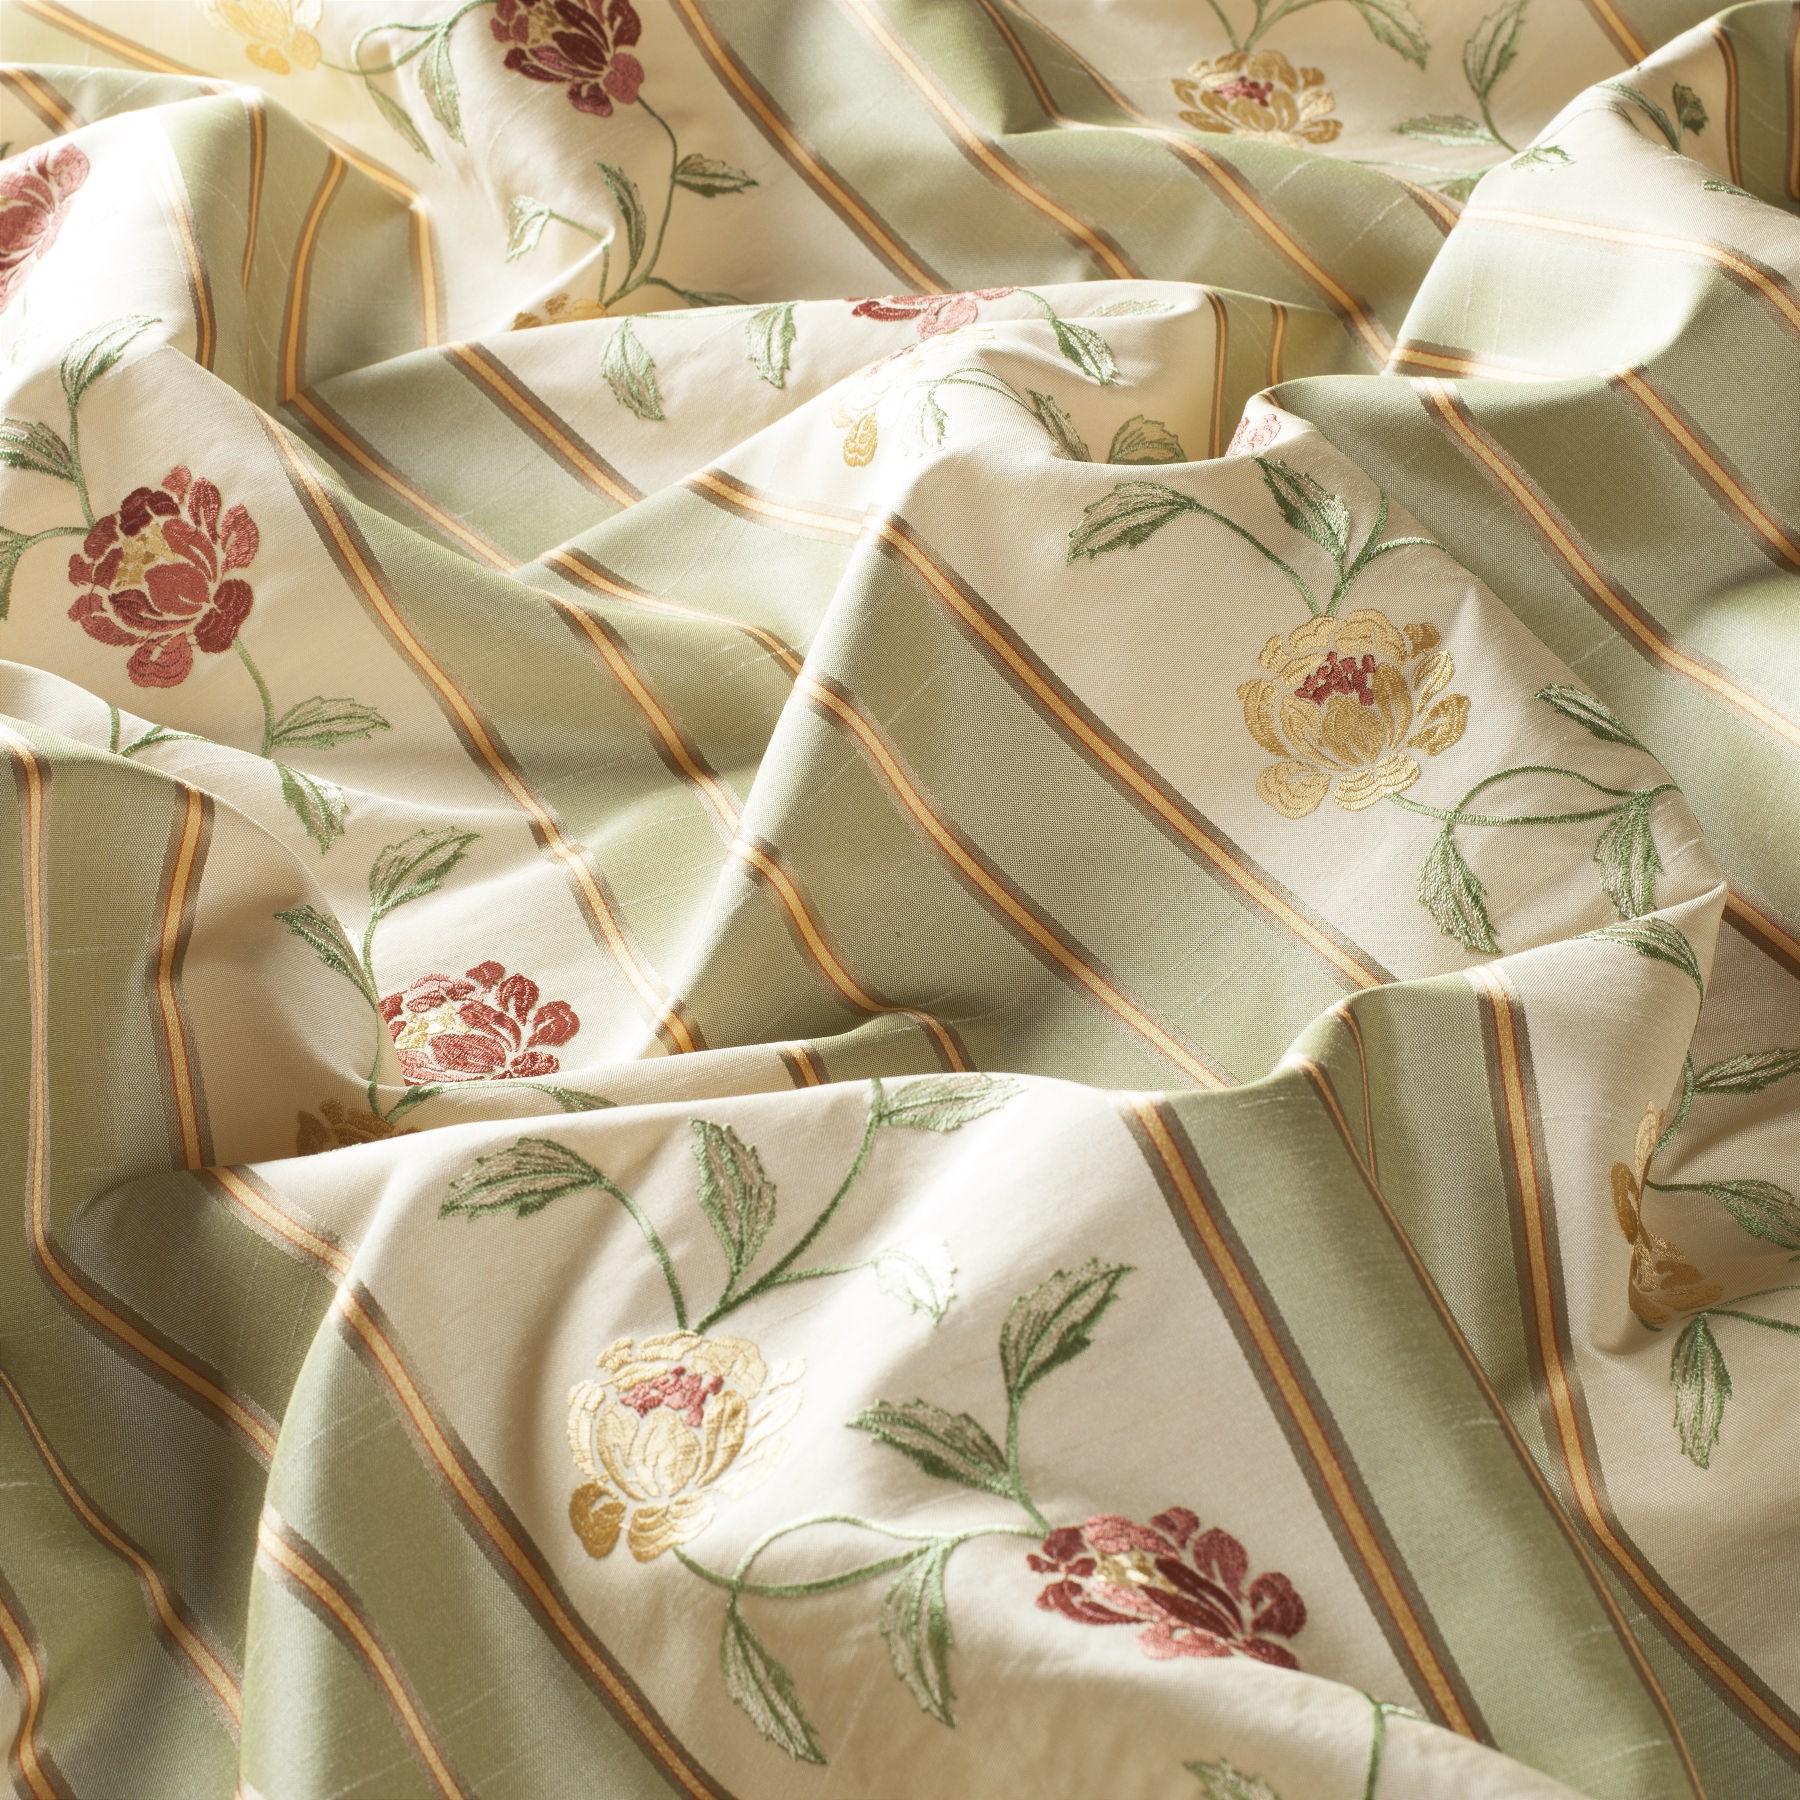 Decoration fabric madeleine 8 1739 138 gardisette for Madeleine decoration